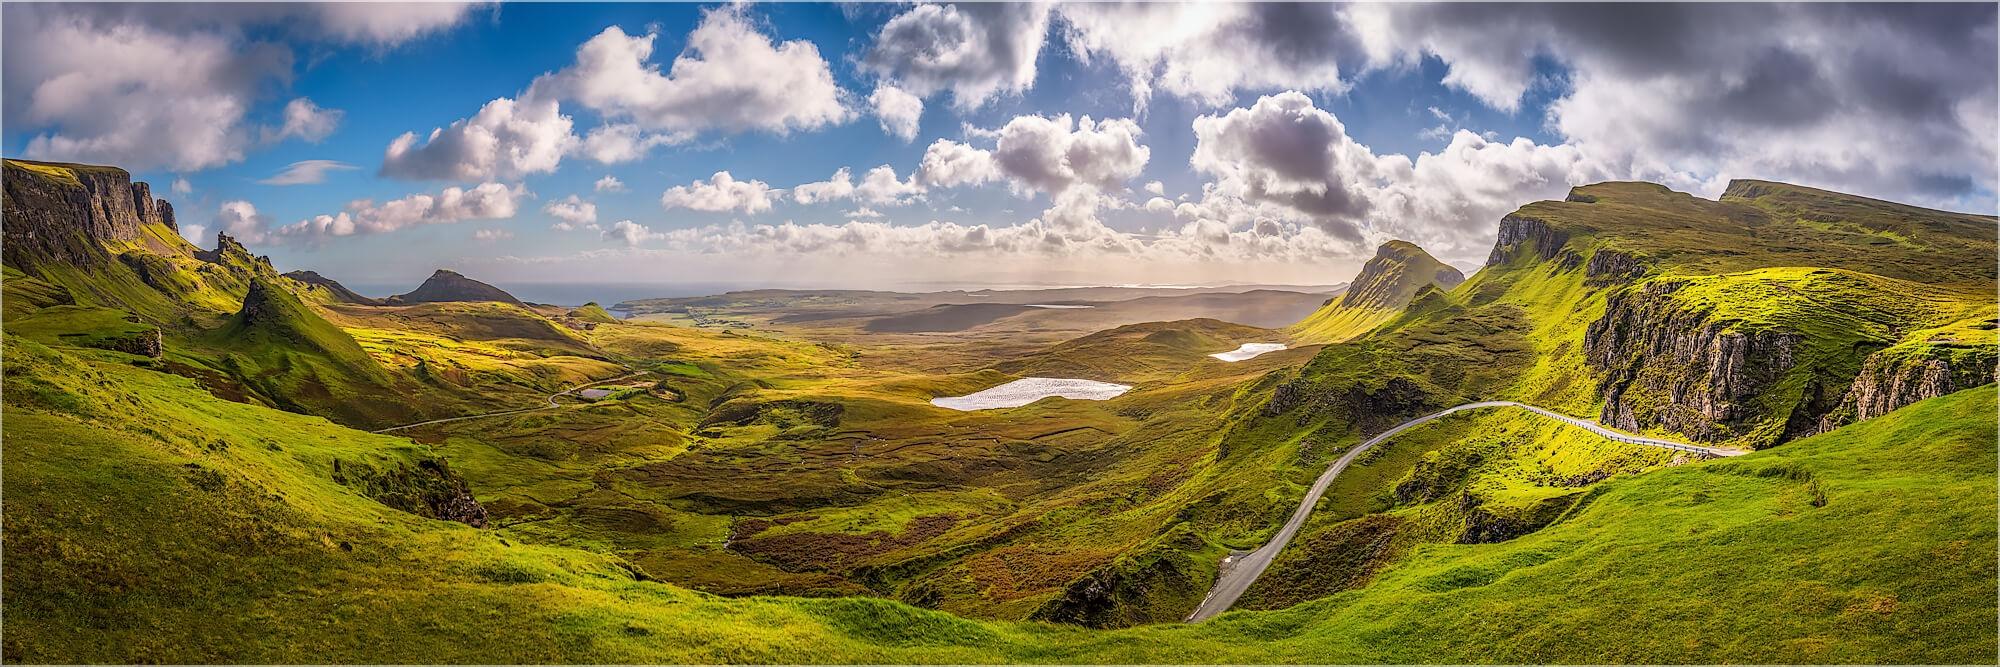 Panoramabild Quiraing Mountains Isle of Skye Schottland